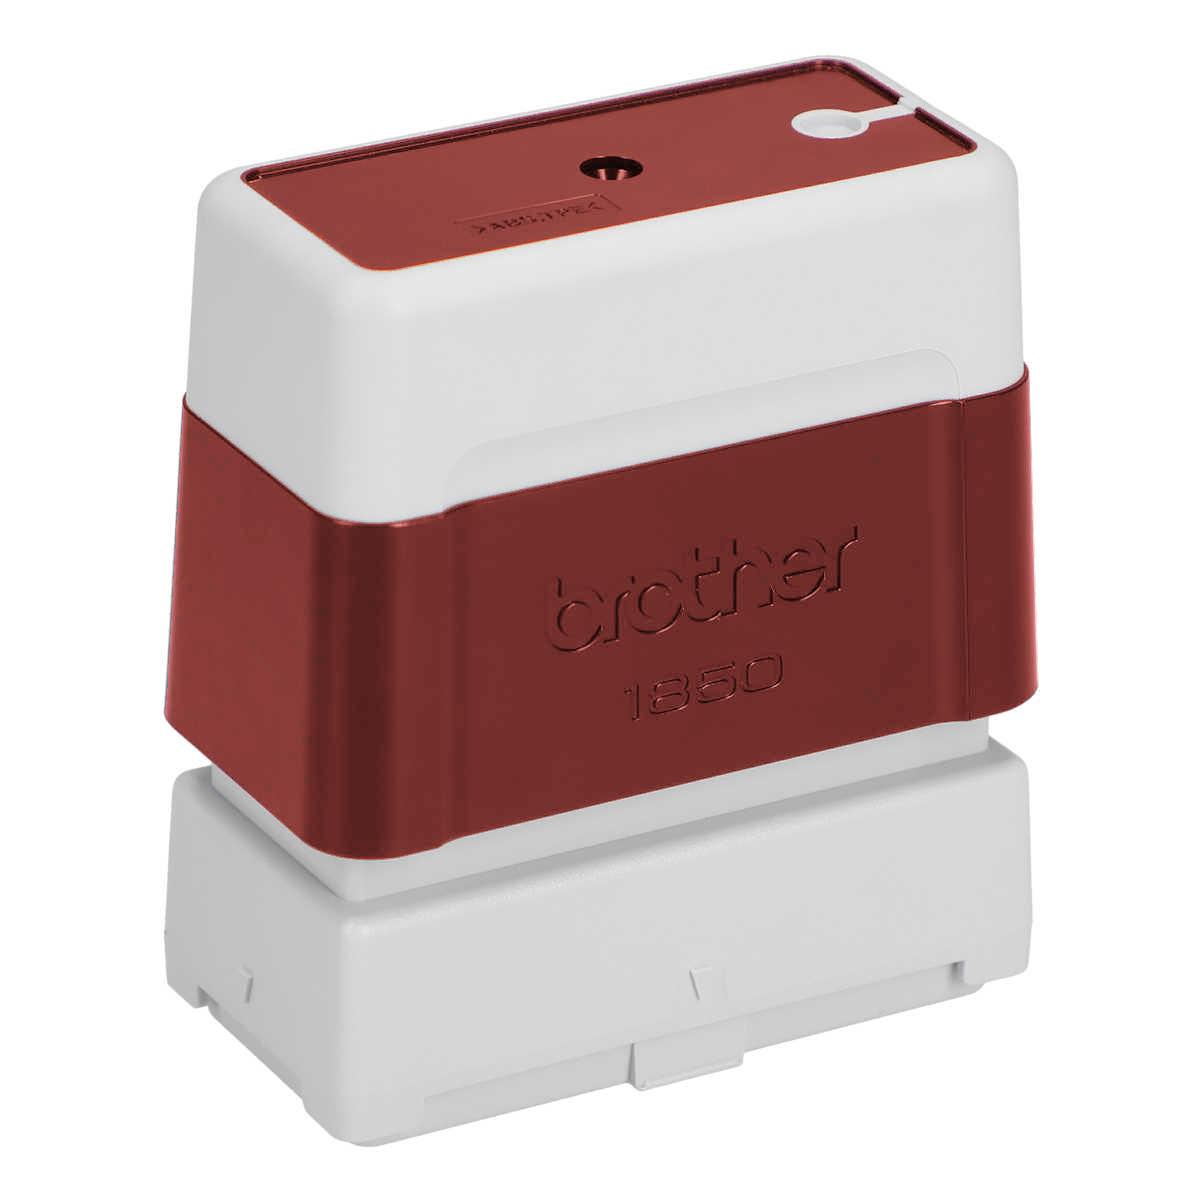 ブラザー 住所印スタンプ 印面サイズ16×48mm 赤インク